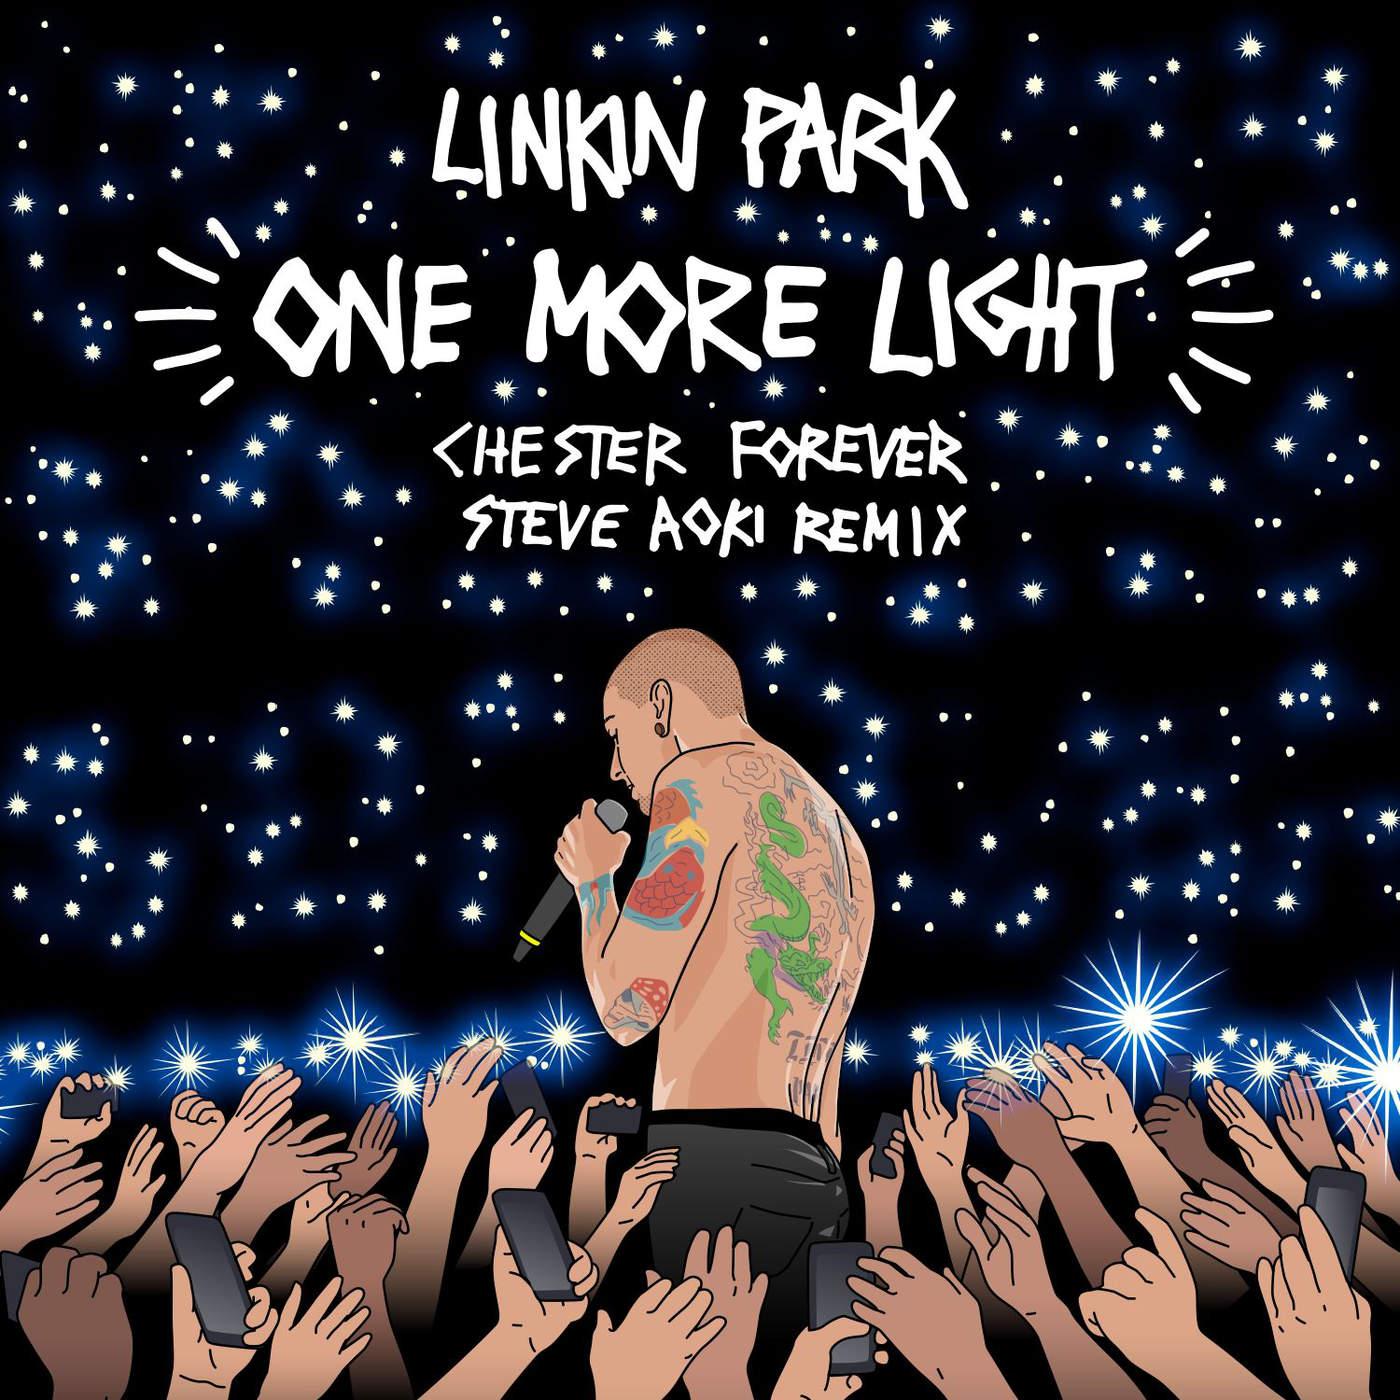 LINKIN PARK - One More Light (Steve Aoki Chester Forever Remix) - Single